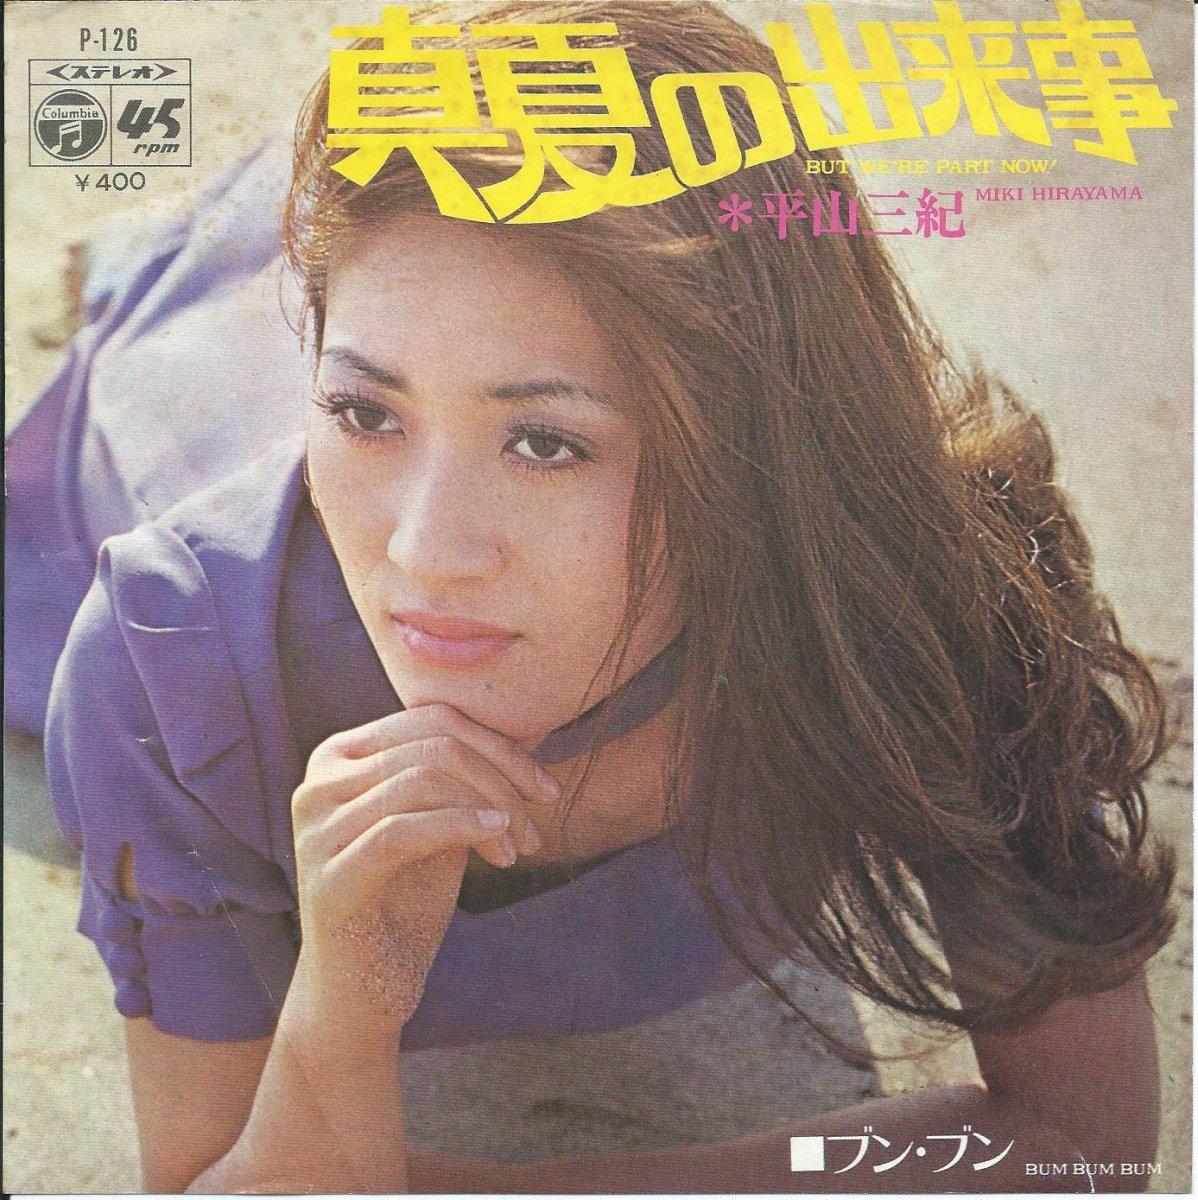 平山三紀(みき) MIKI HIRAYAMA / 真夏の出来事 BUT WE'RE PART NOW! (7